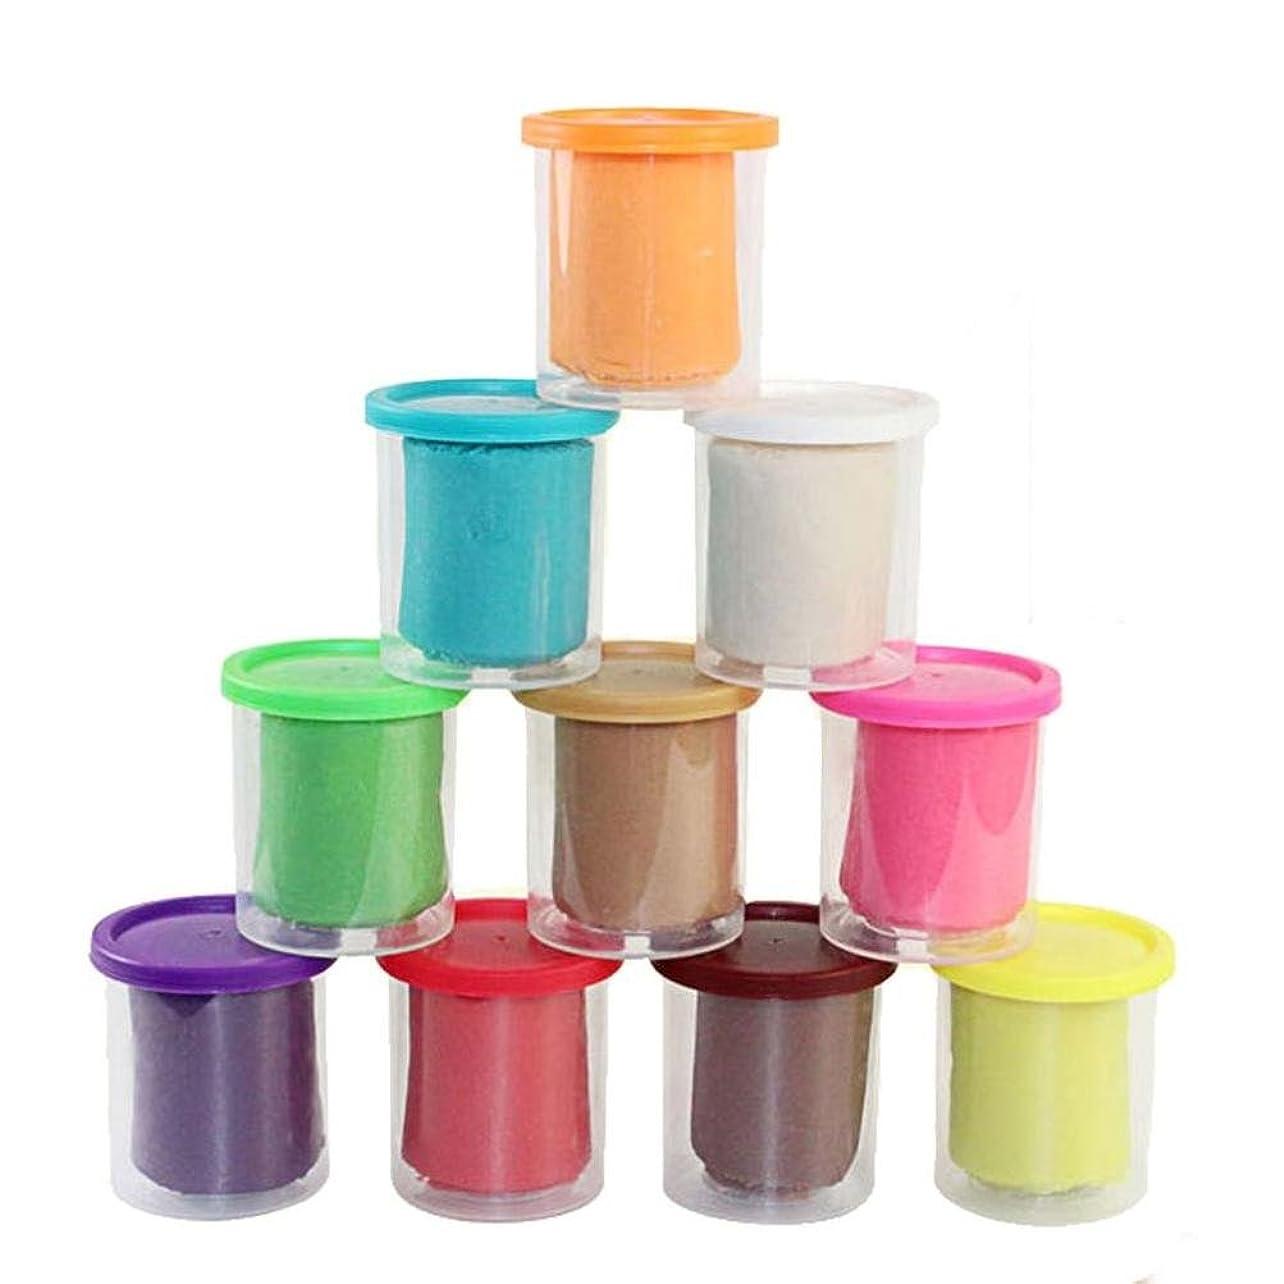 深遠貞後者newkellyレインボー10個入りDIY Slime Crafts粘Mudモデリングポリマー粘土空気乾燥粘ゴム泥for Kids & Adult応力releasetoy